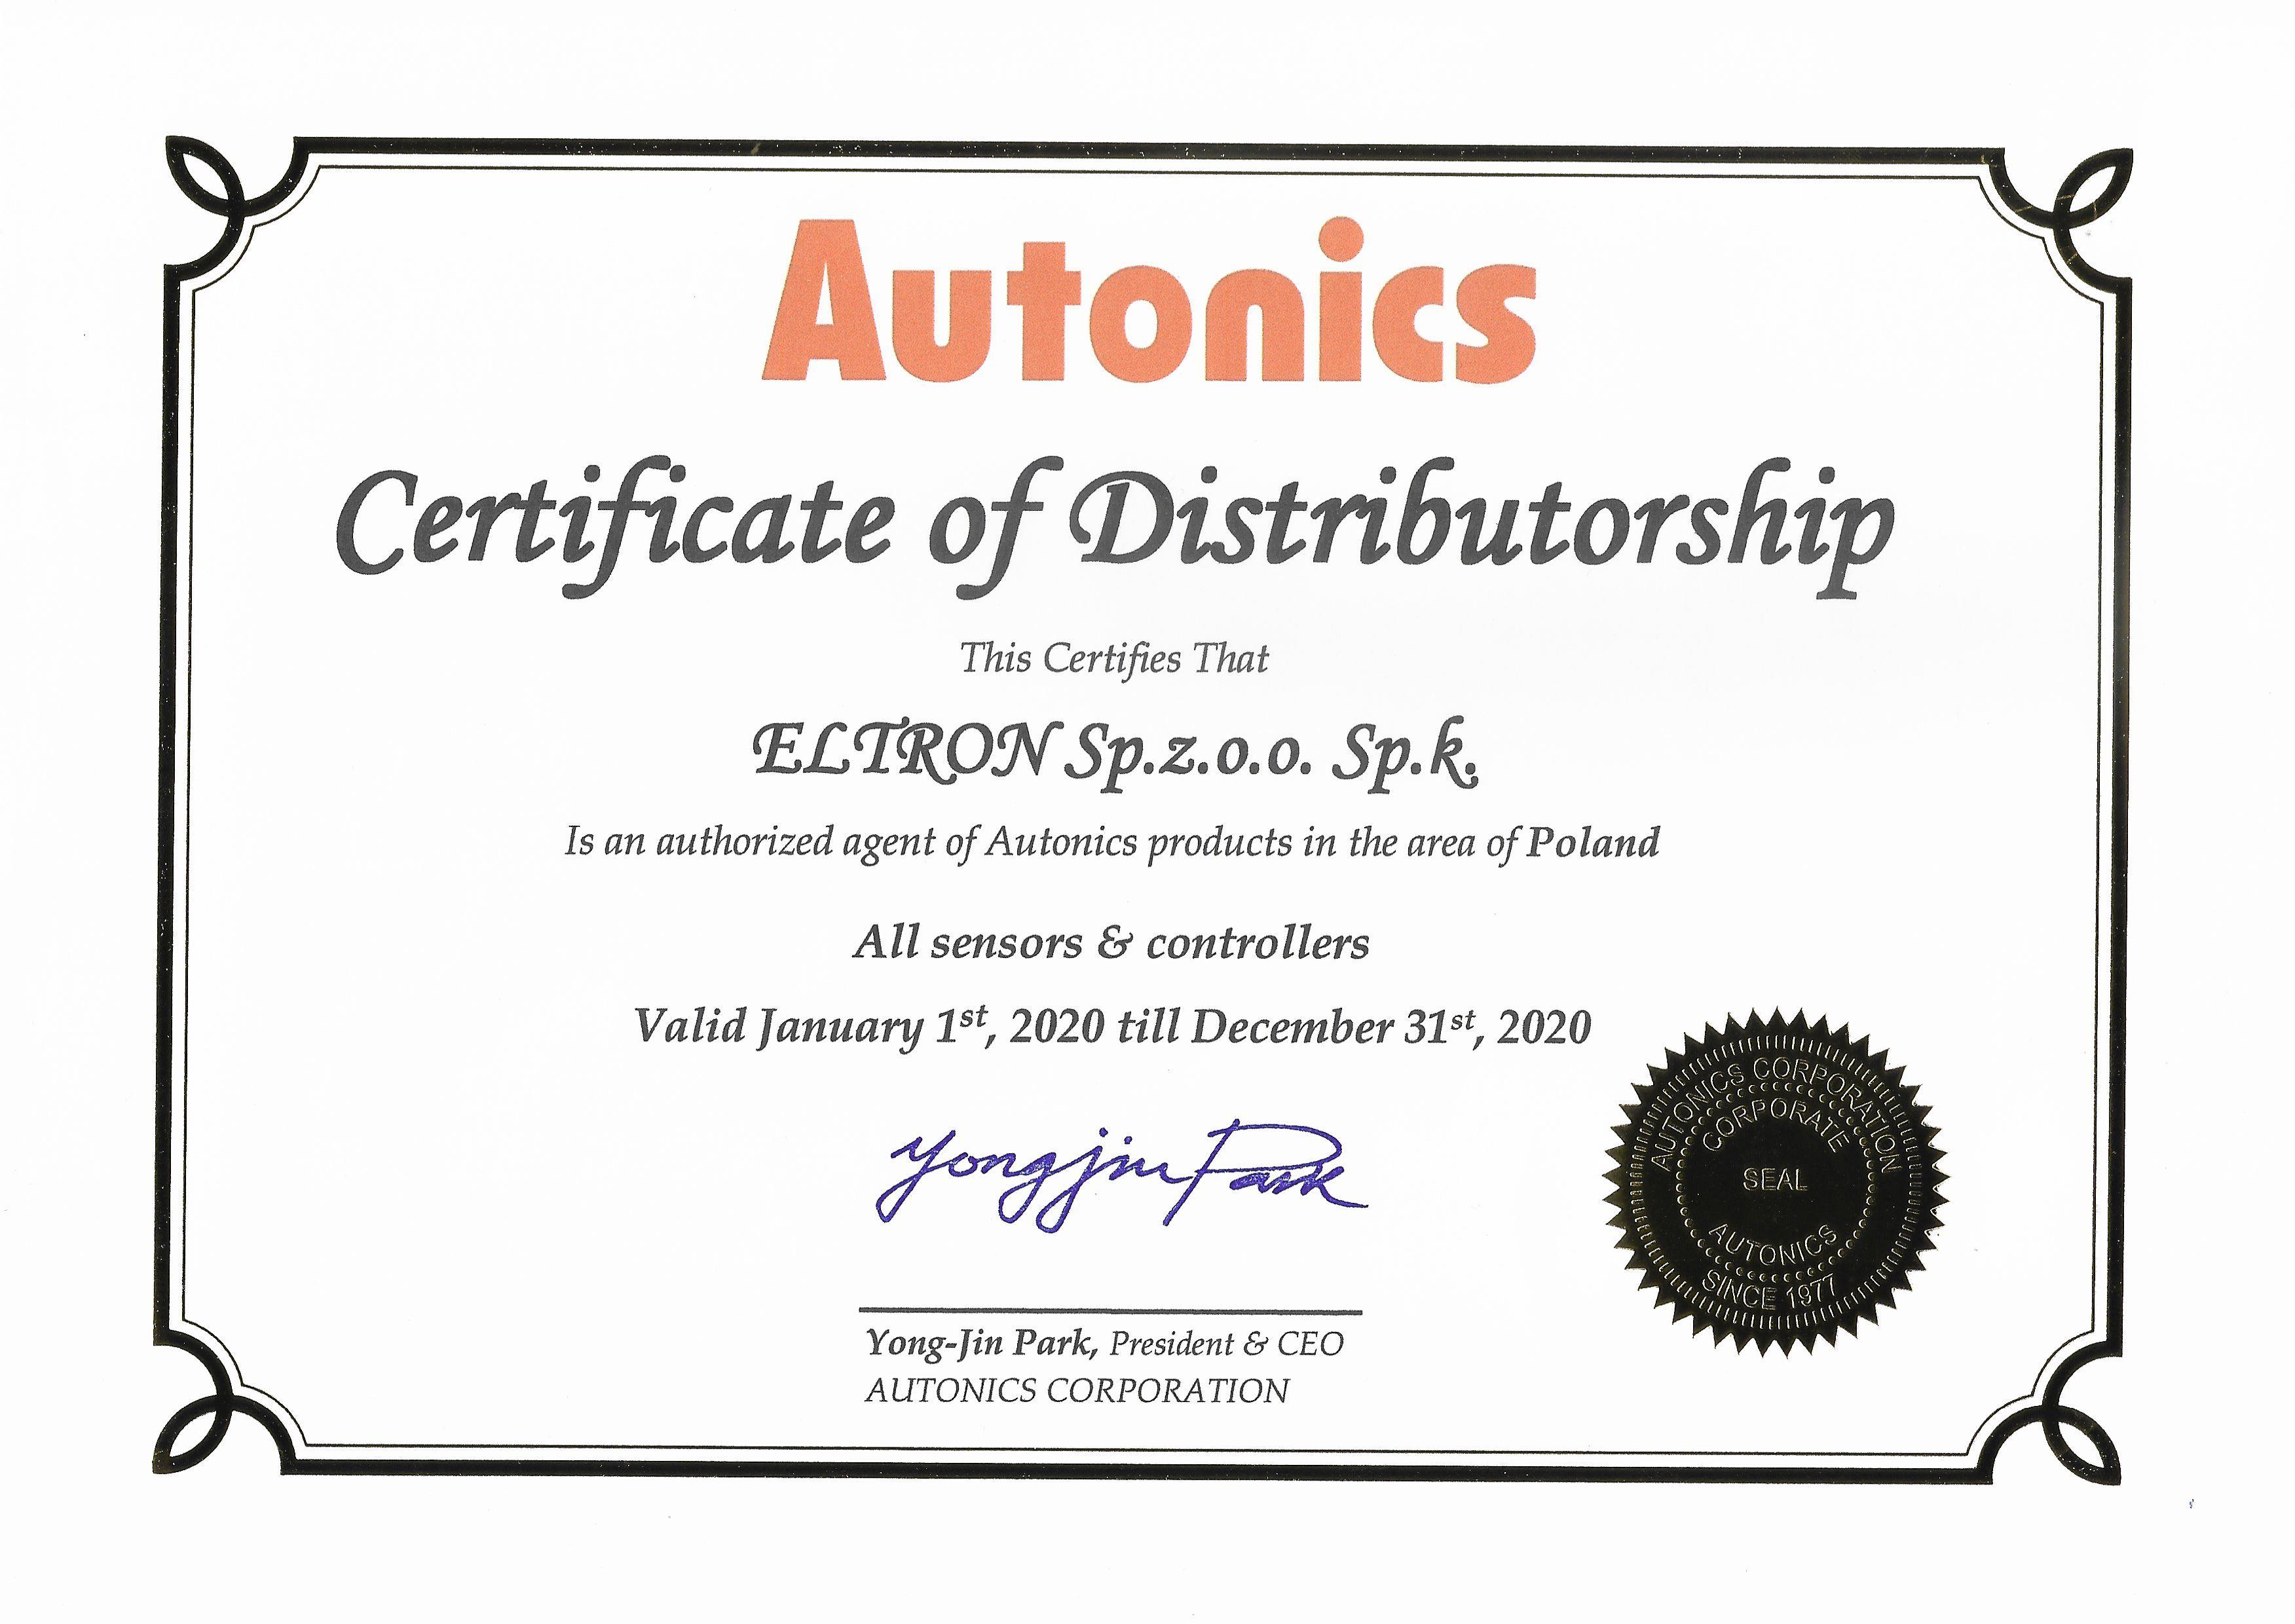 certyfikat_autonics.jpg